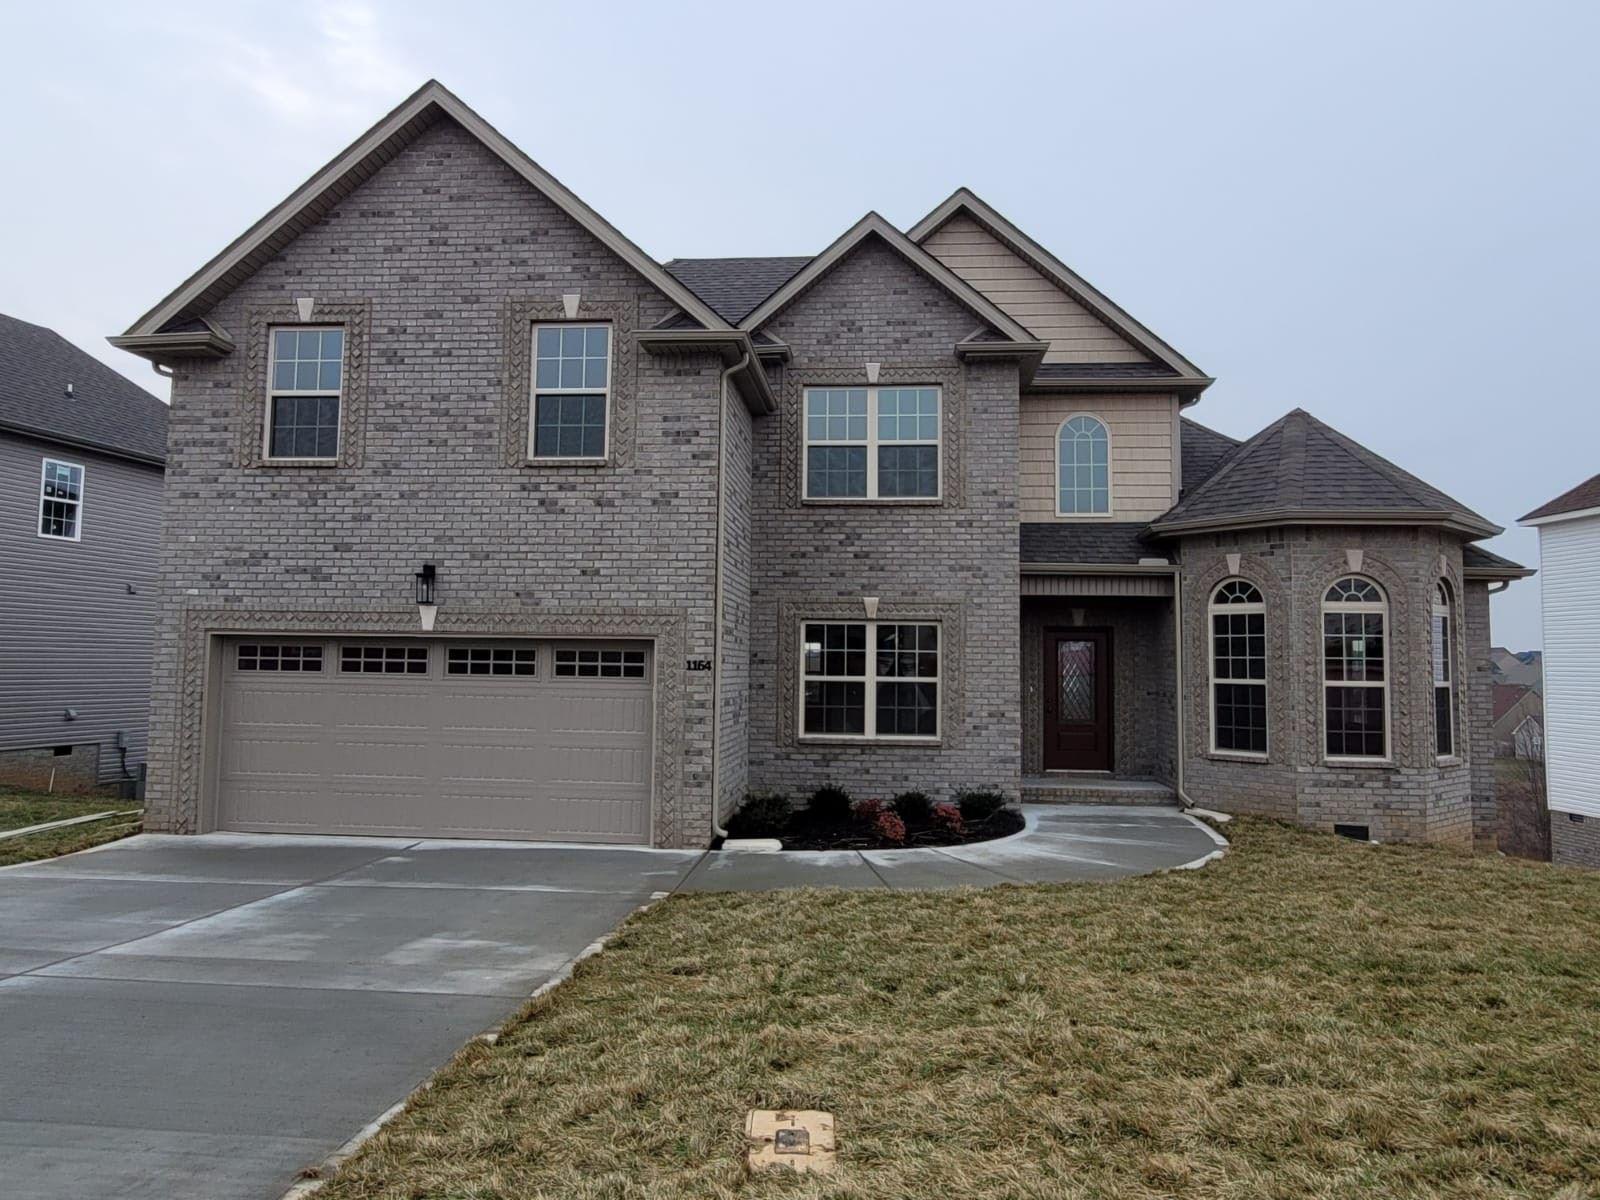 639 Farmington, Clarksville, TN 37043 - MLS#: 2276125